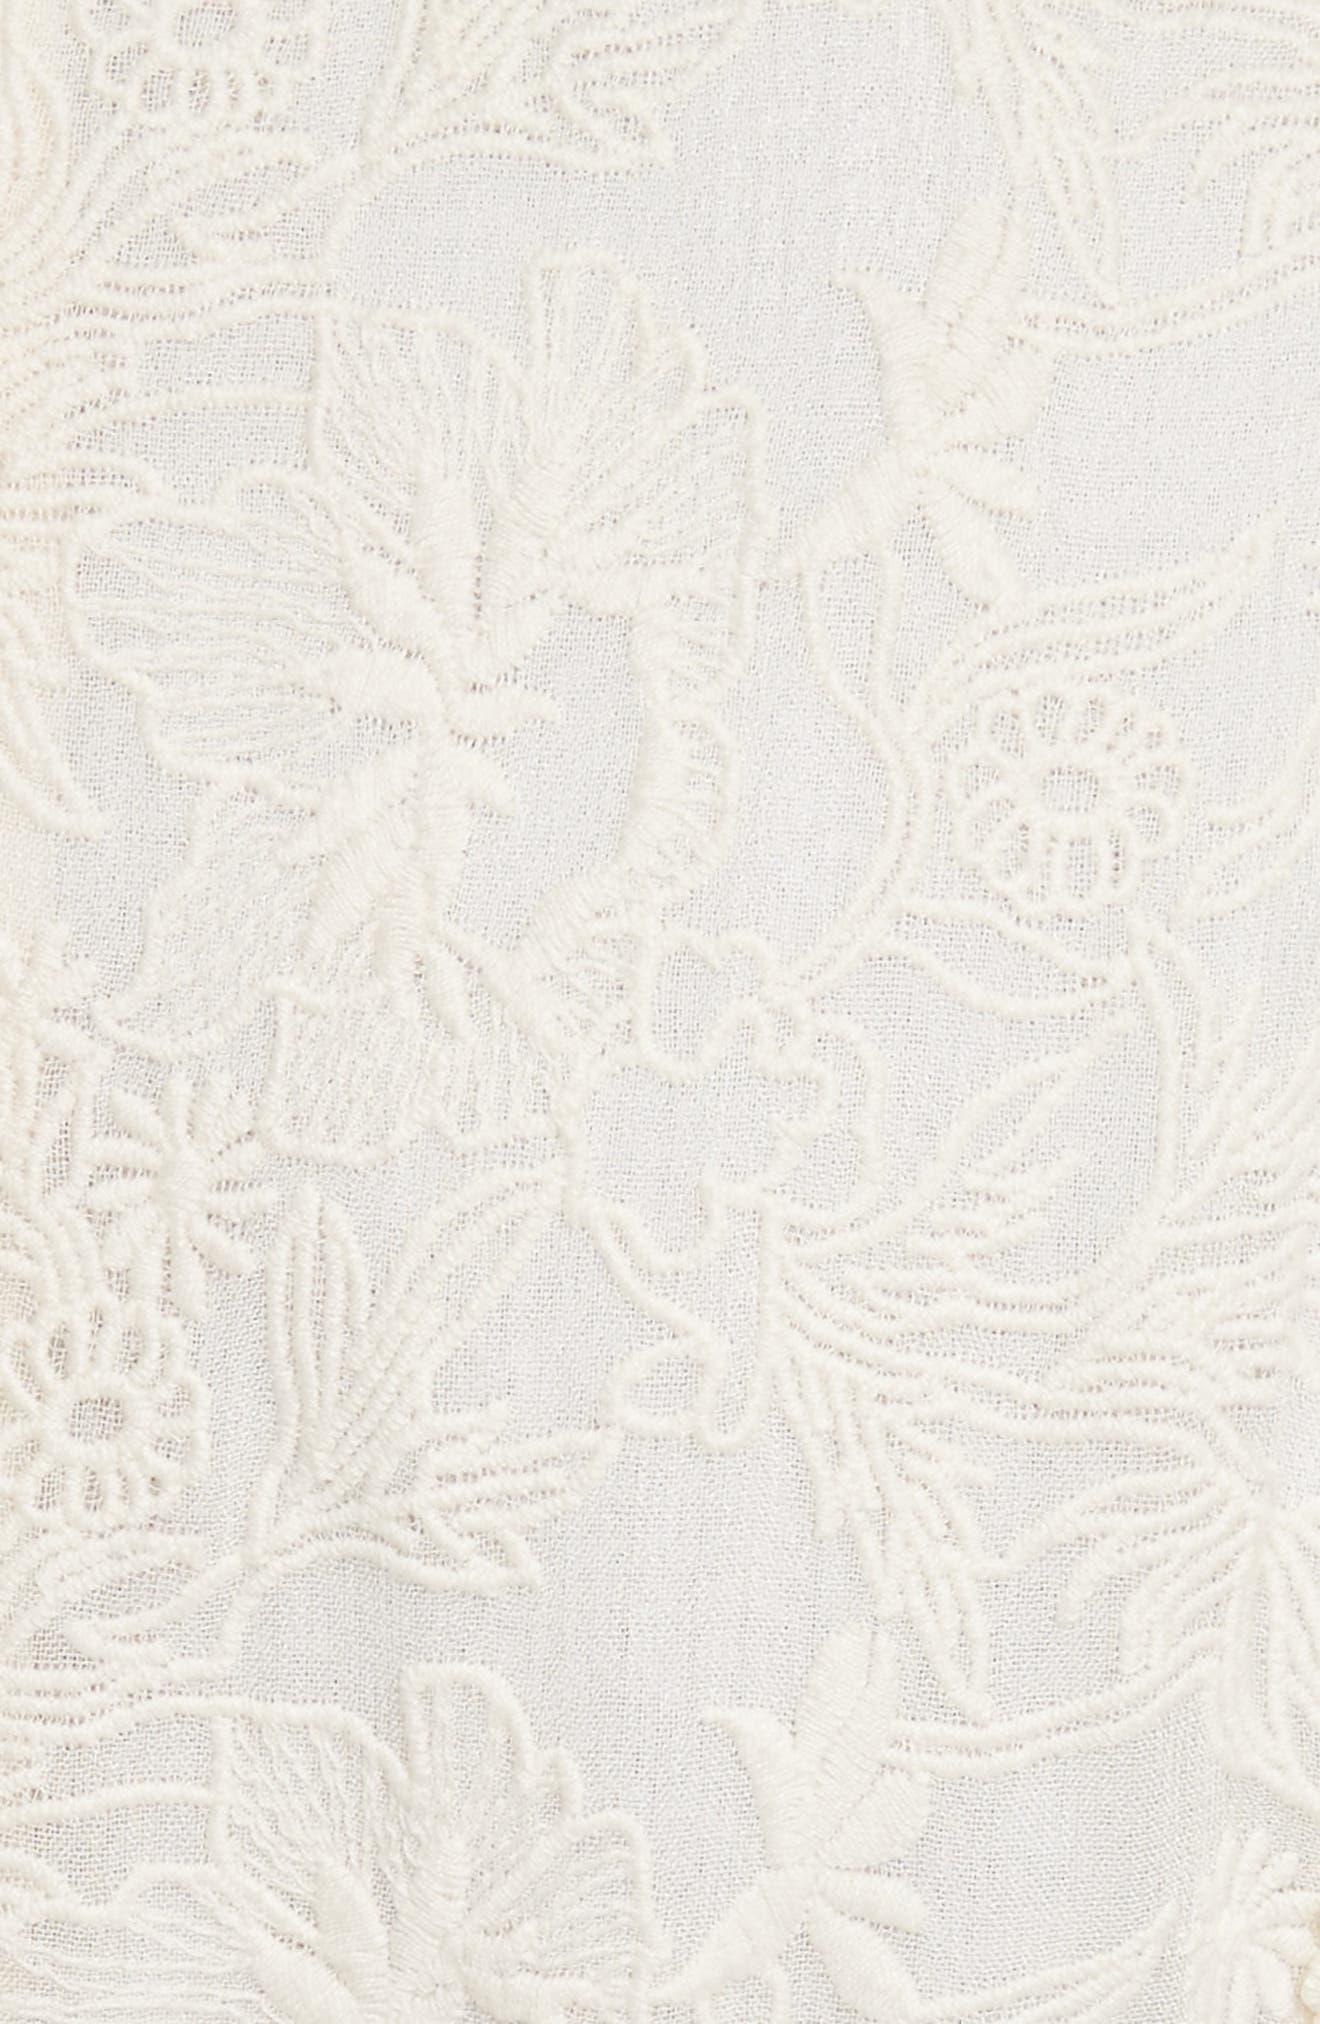 Enya Embroidered Cold Shoulder Dress,                             Alternate thumbnail 5, color,                             Cream